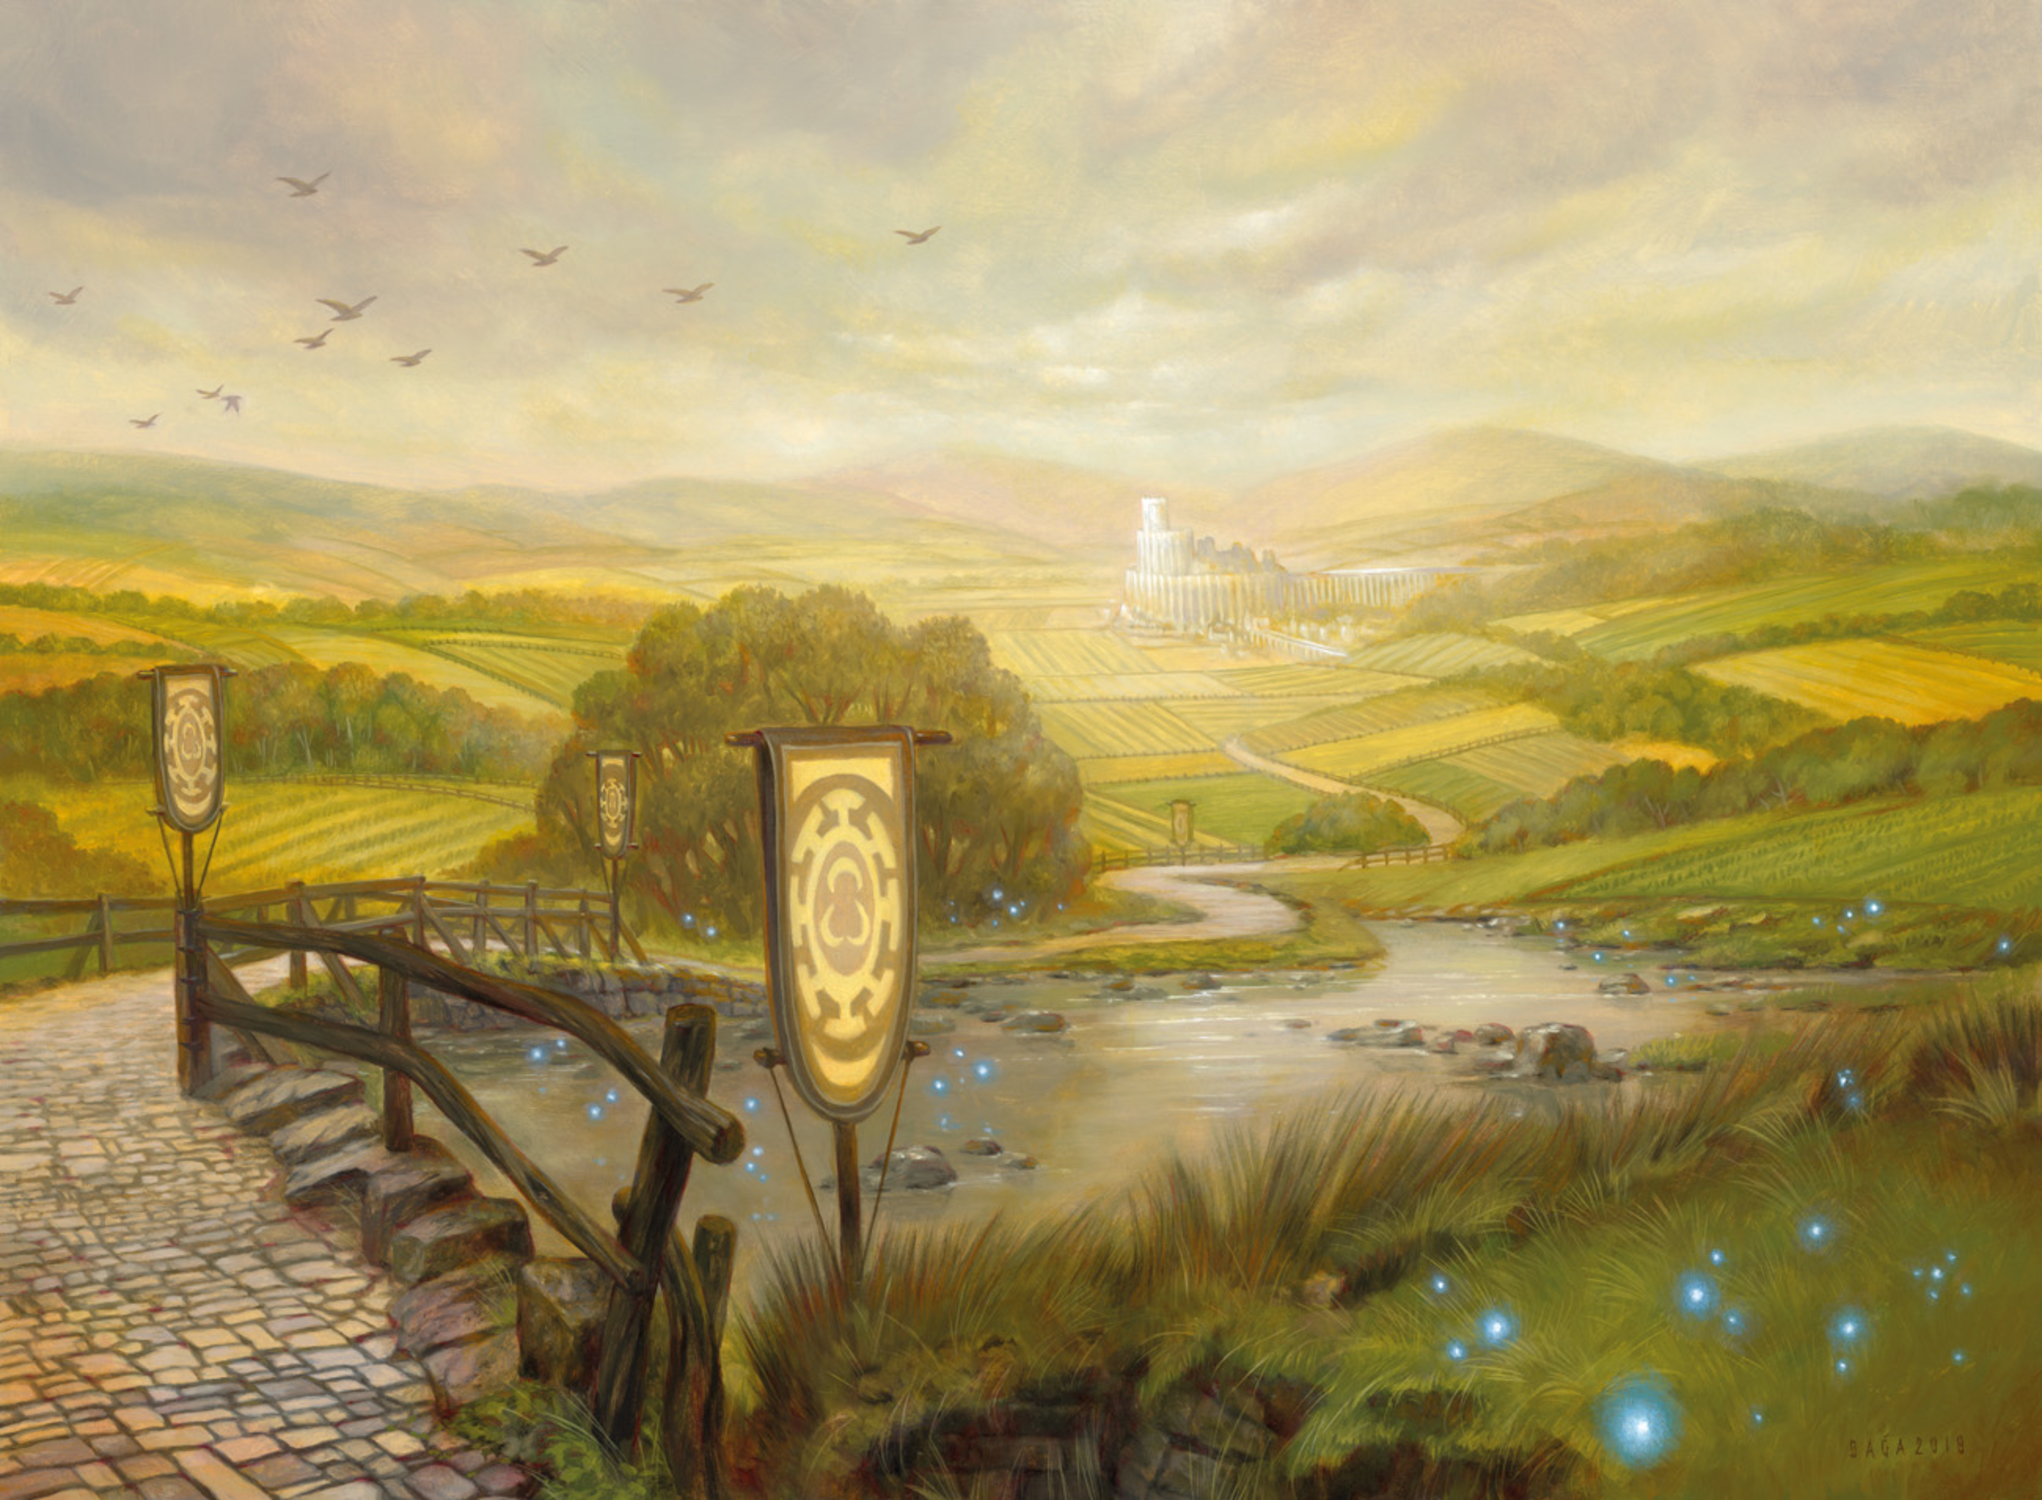 Plains - Throne of Eldraine Artwork by Volkan Baga